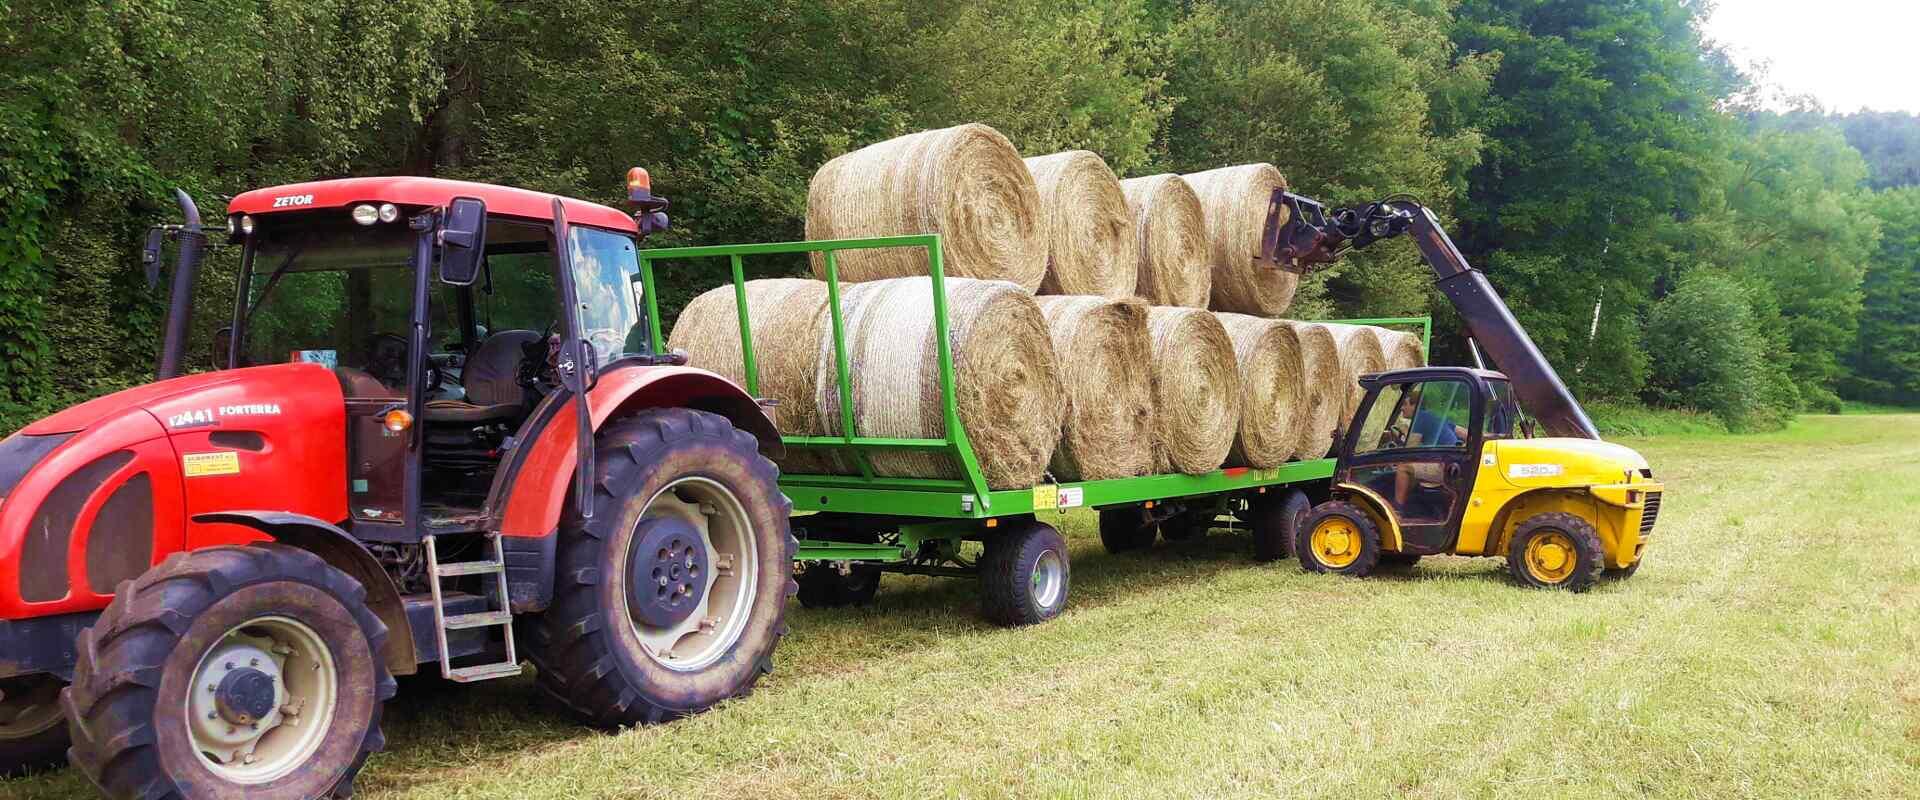 zemědělská technika Plzeň sever